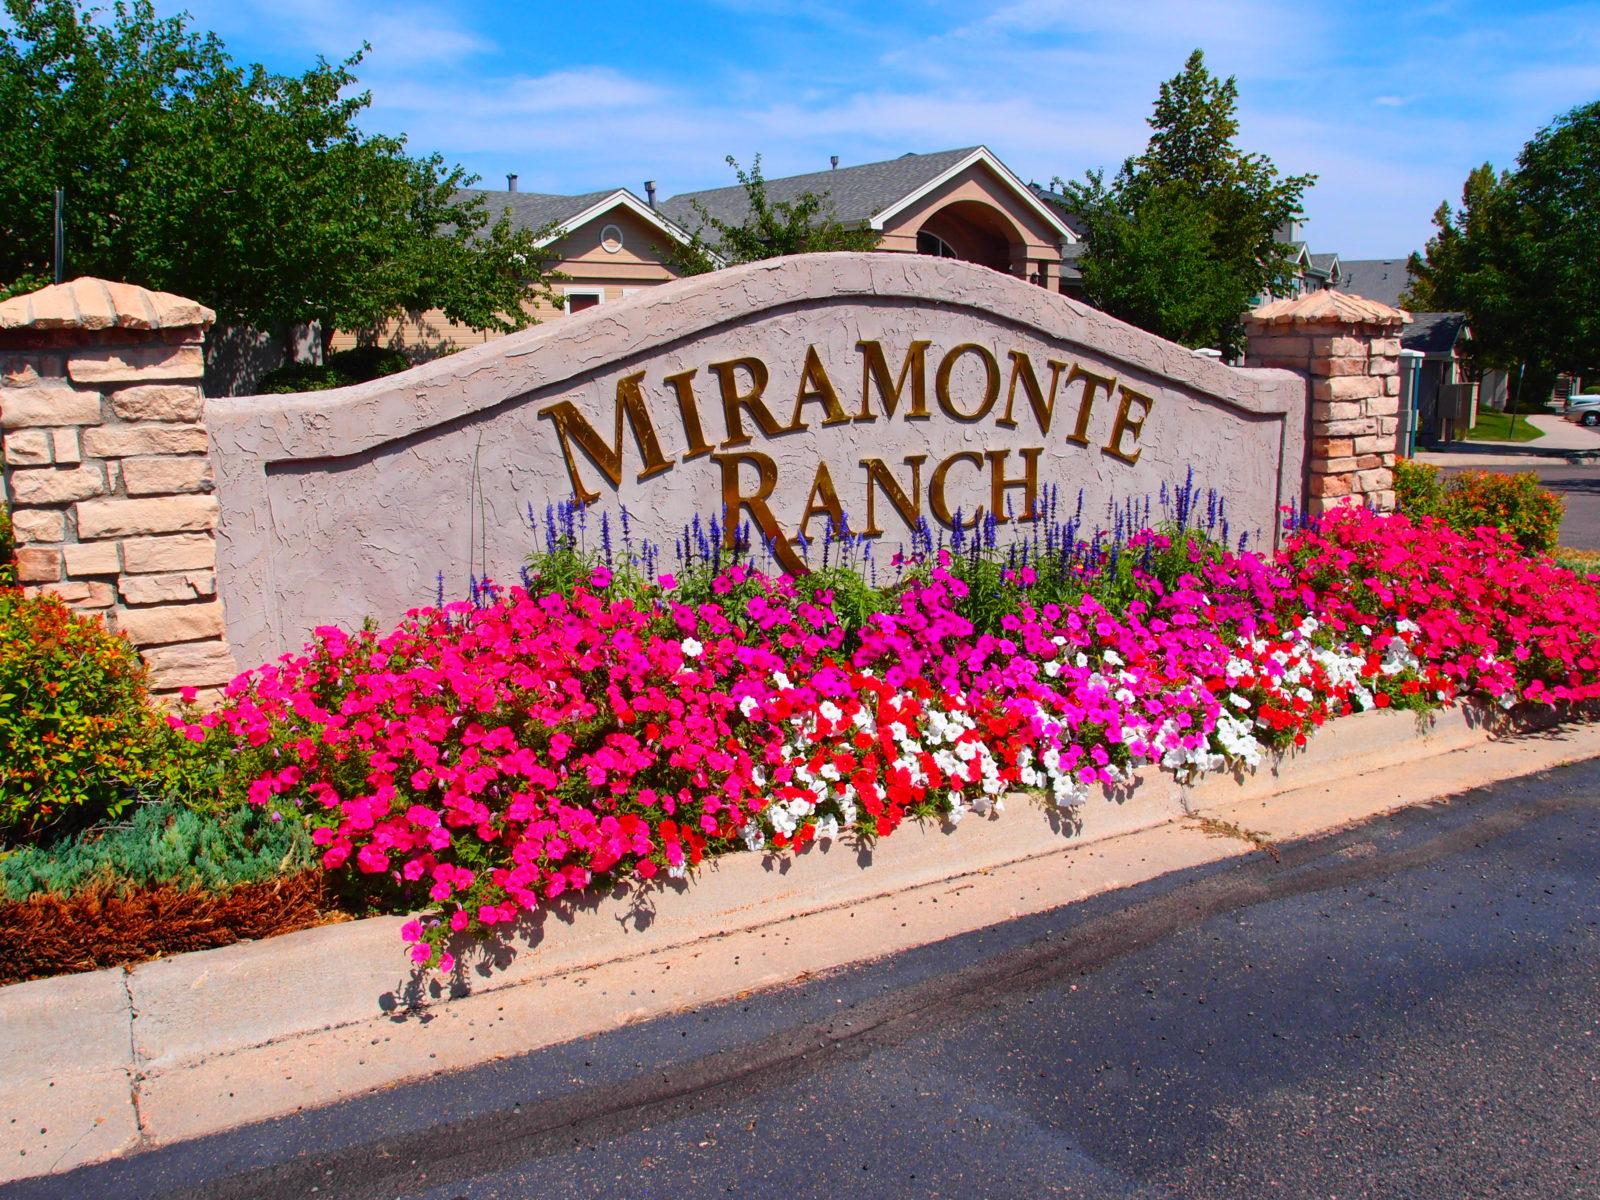 Miramonte Ranch Entry